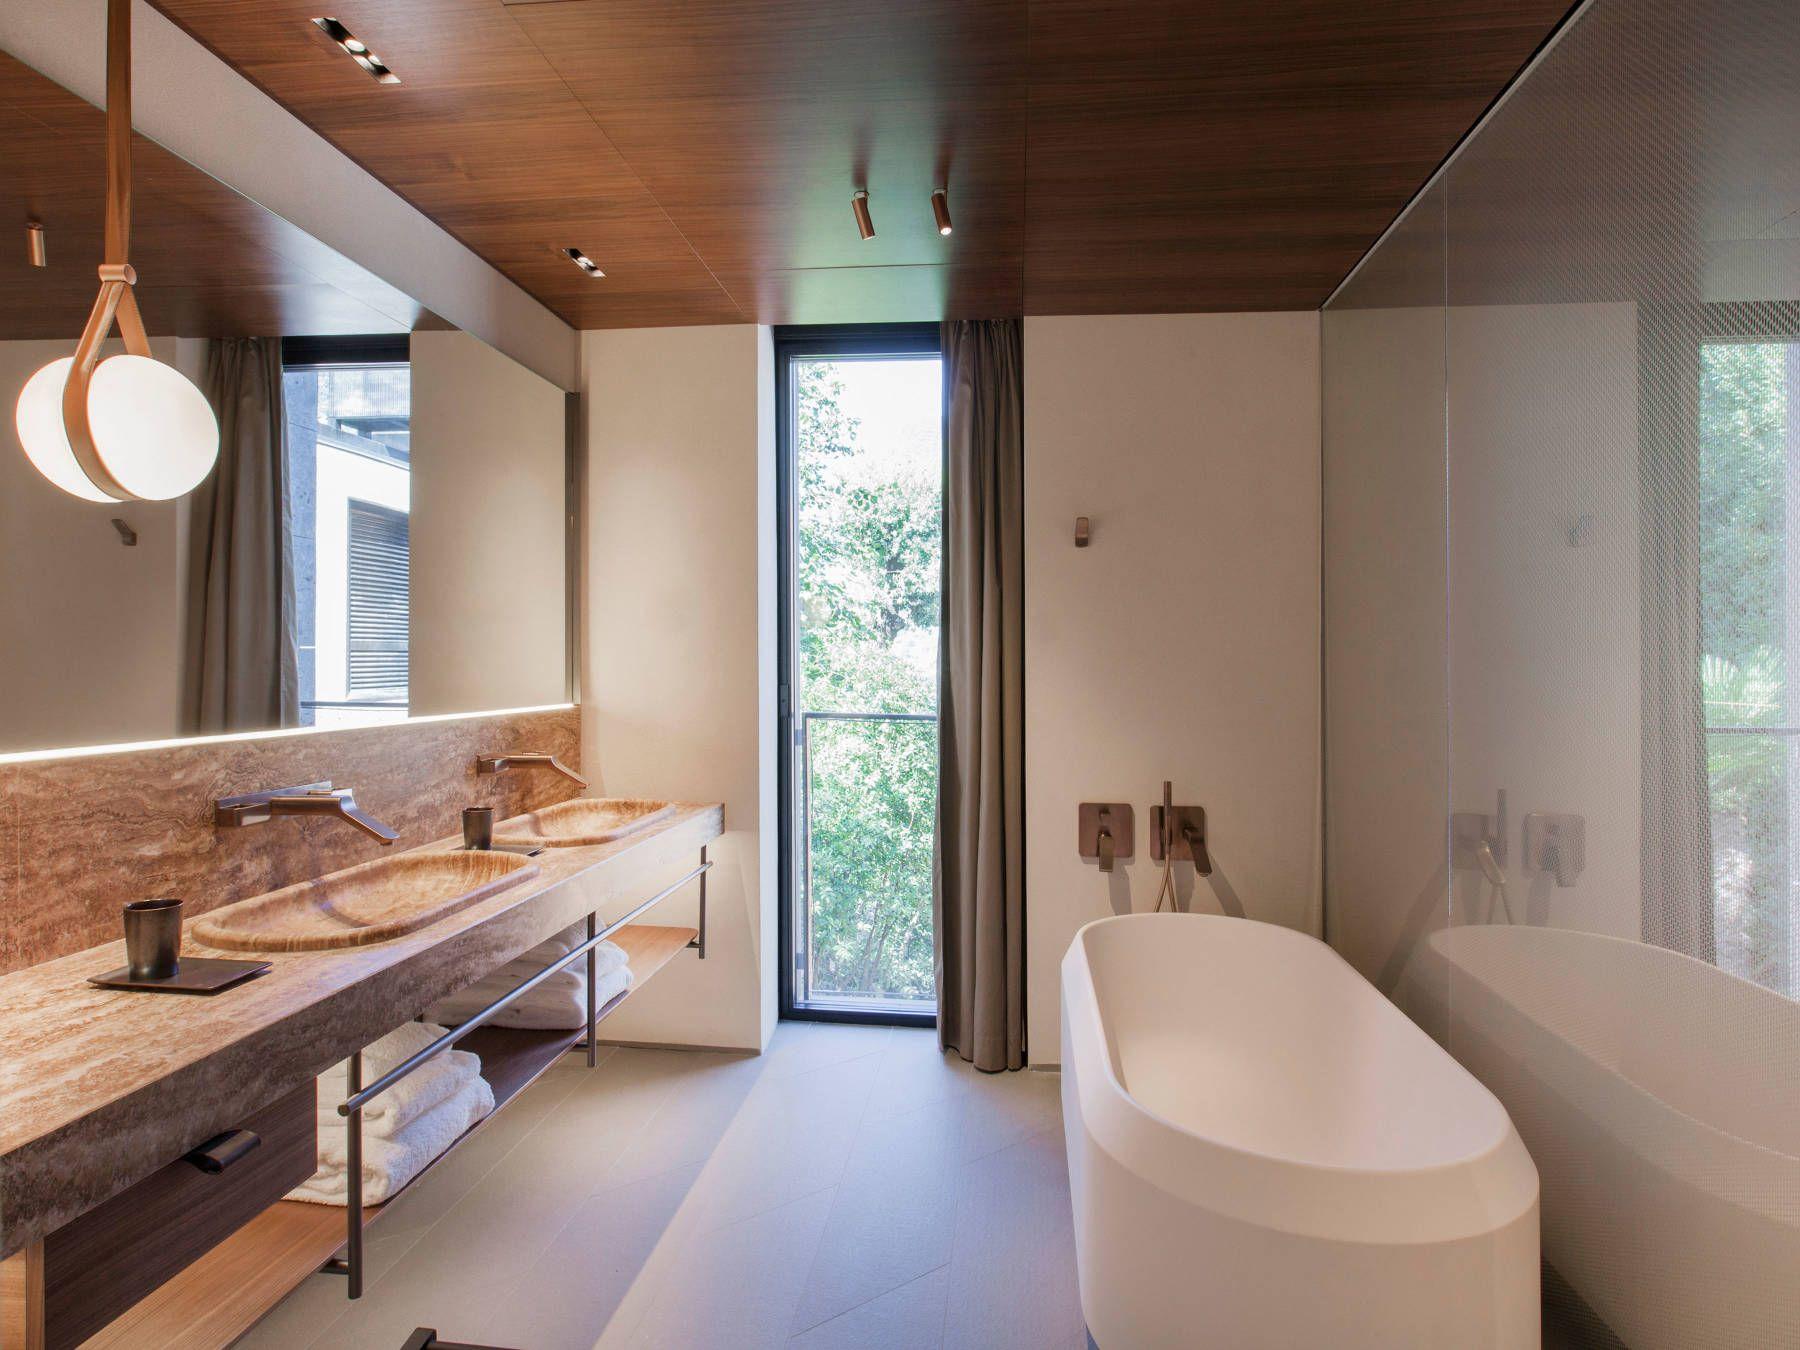 5 Stary Luxury In The Hotel Bathroom Luxusbad Design Hotel Badezimmer Einrichtung